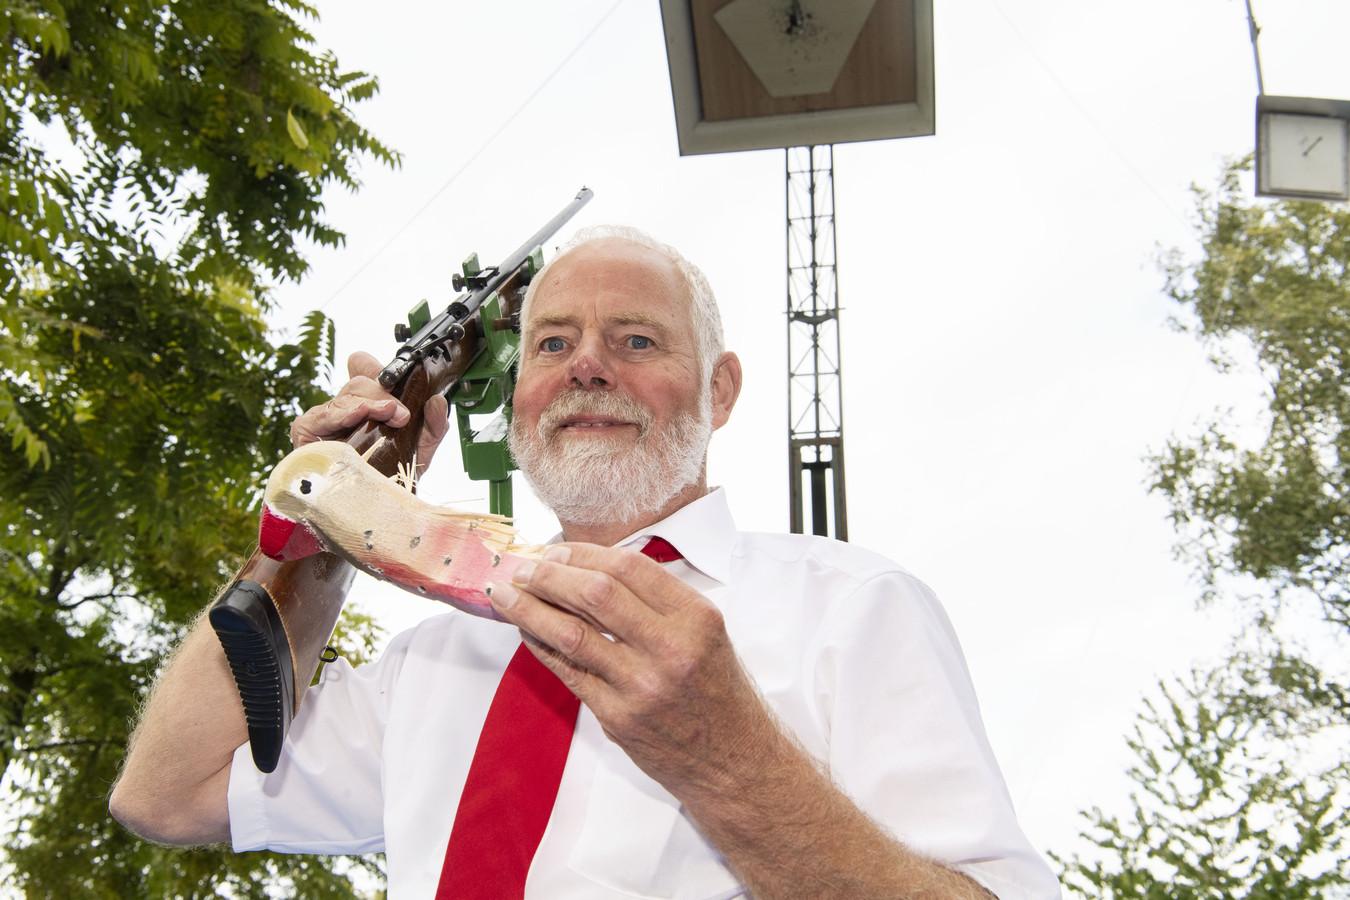 TT-2019-013190 - GLANERBRUG -  Schuttersfeesten Glanerbrug! De nieuwe koning, Gerrit Hulsbeek, schiet de vogel neer,